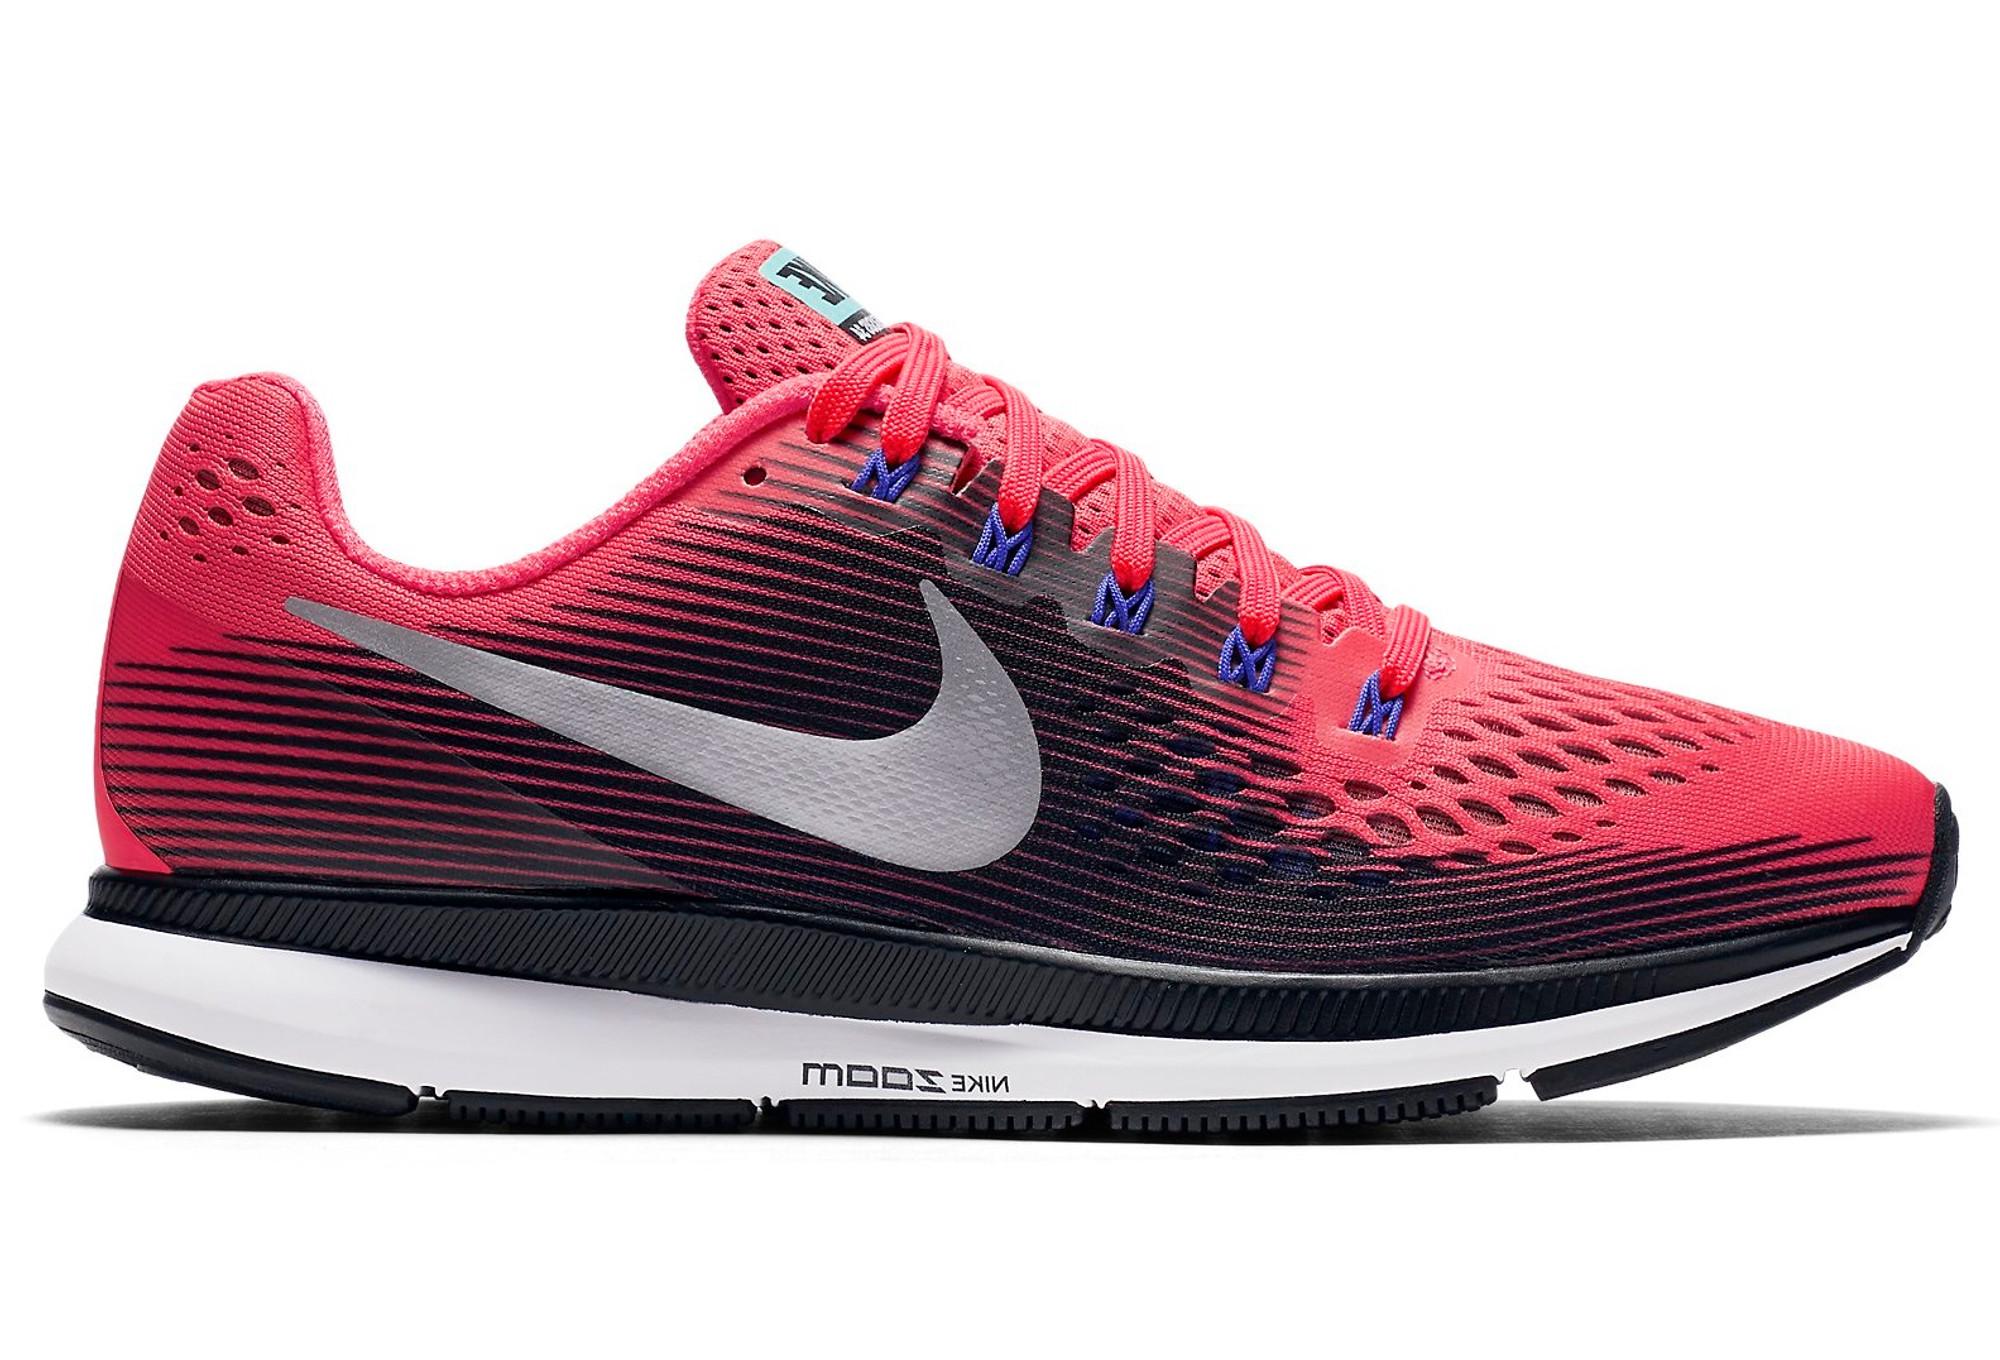 e8890c8a34f2f Zapatillas Nike Air Zoom Pegasus 34 para Mujer Rosa   Negro